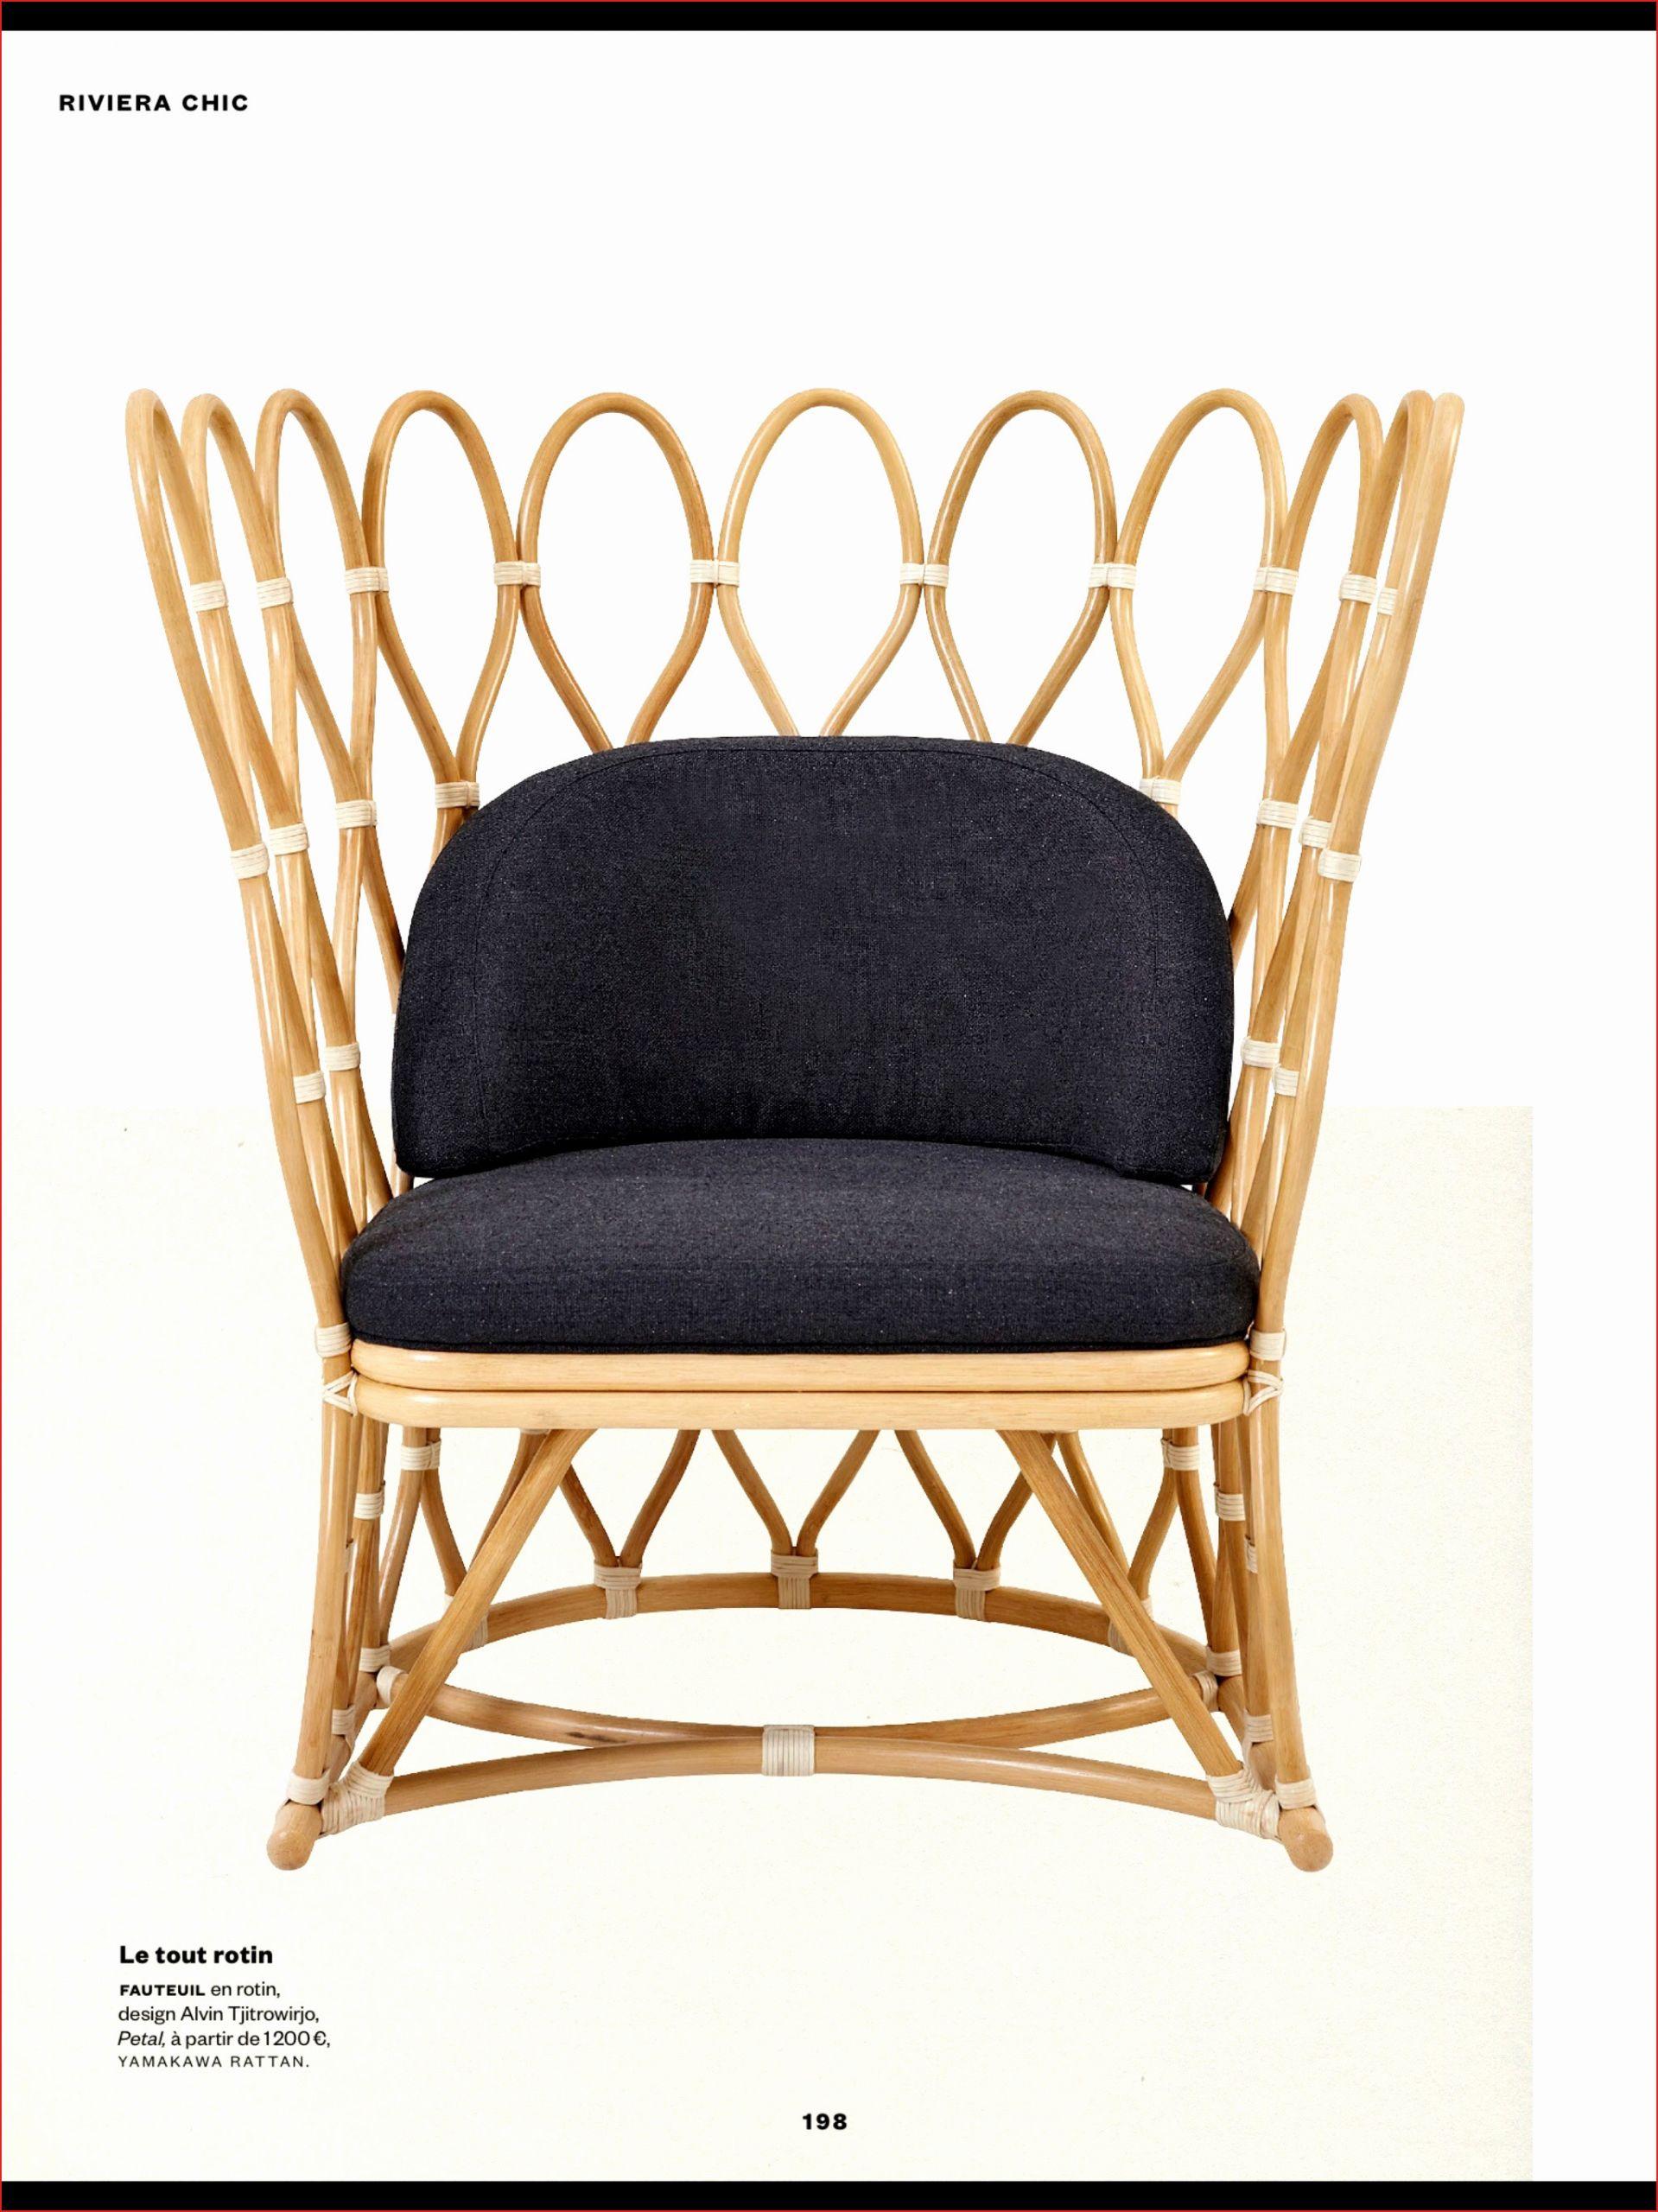 petit fauteuil ancien anciens fauteuils ikea of petit fauteuil ancien